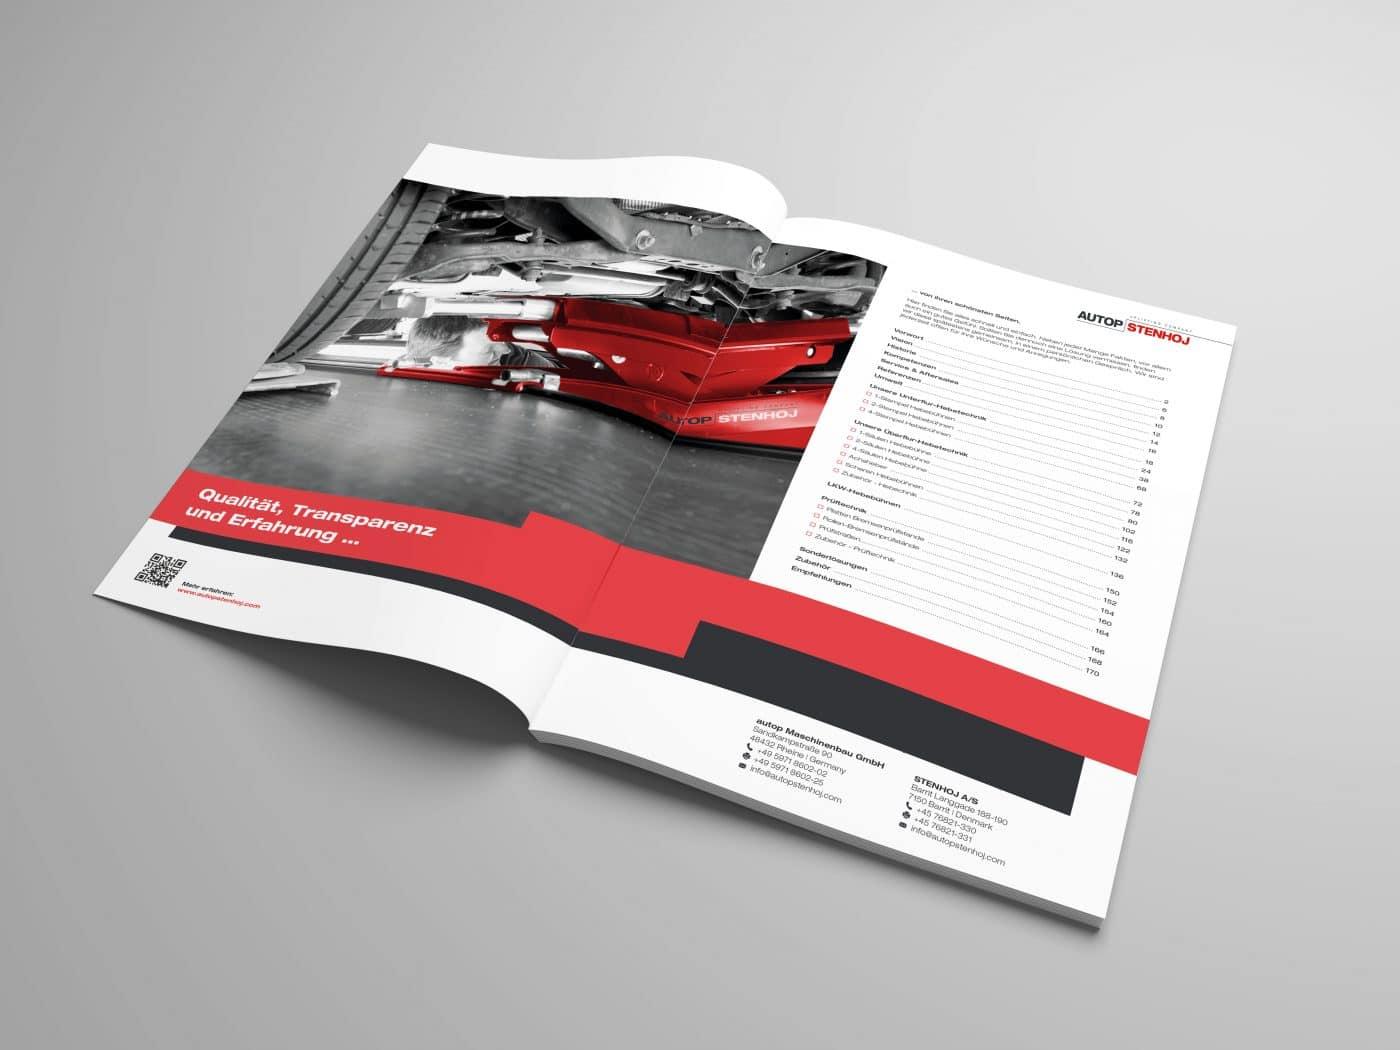 autop broschuere 2 - Eine Marke auf dem Weg nach oben – Corporate Design, Grafikdesign, Kommunikationsdesign, Branding, Markenentwicklung, Editorial Design